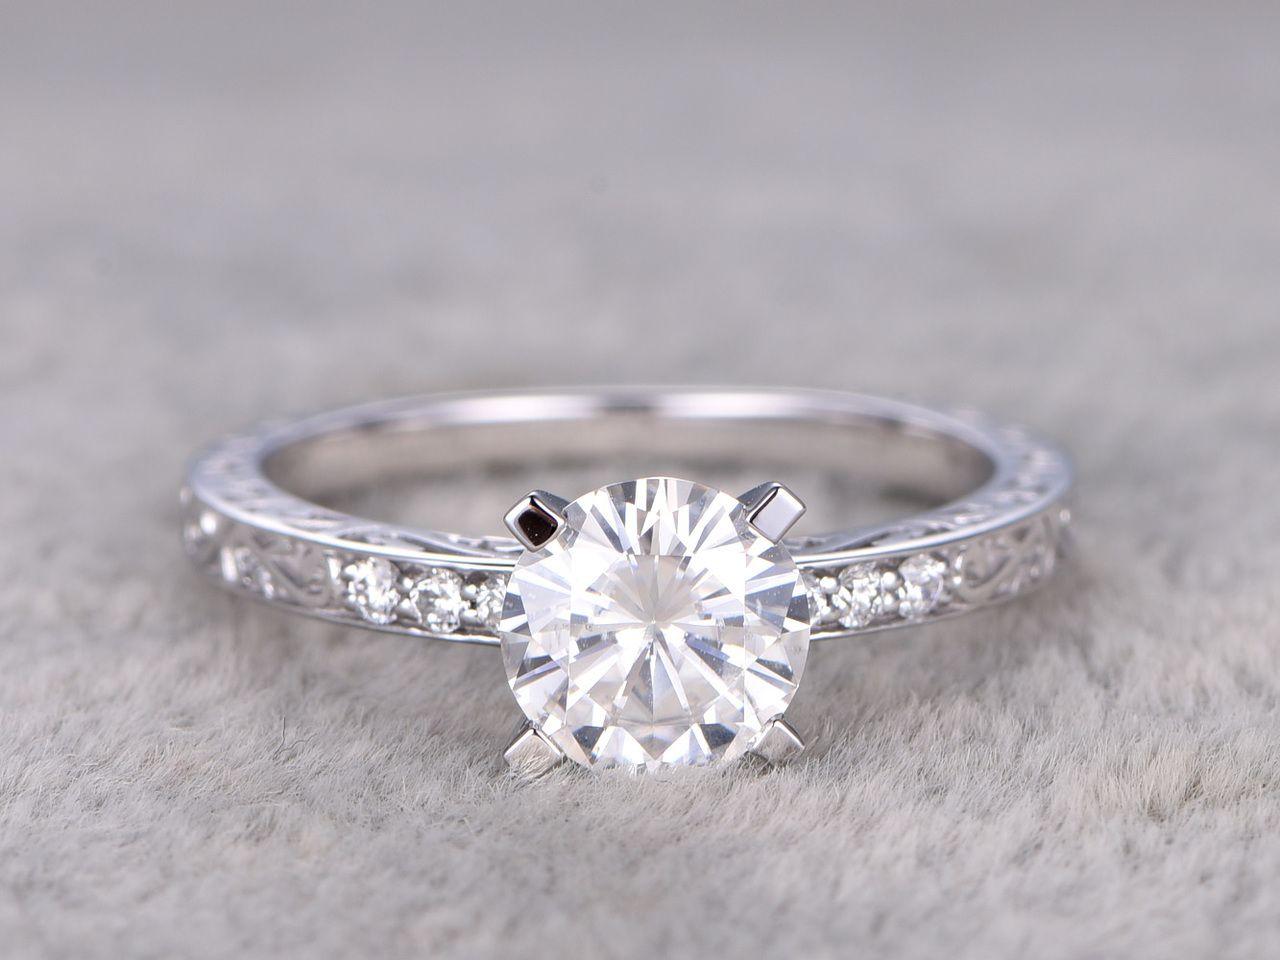 carat moissanite diamond engagement rings white gold filigree